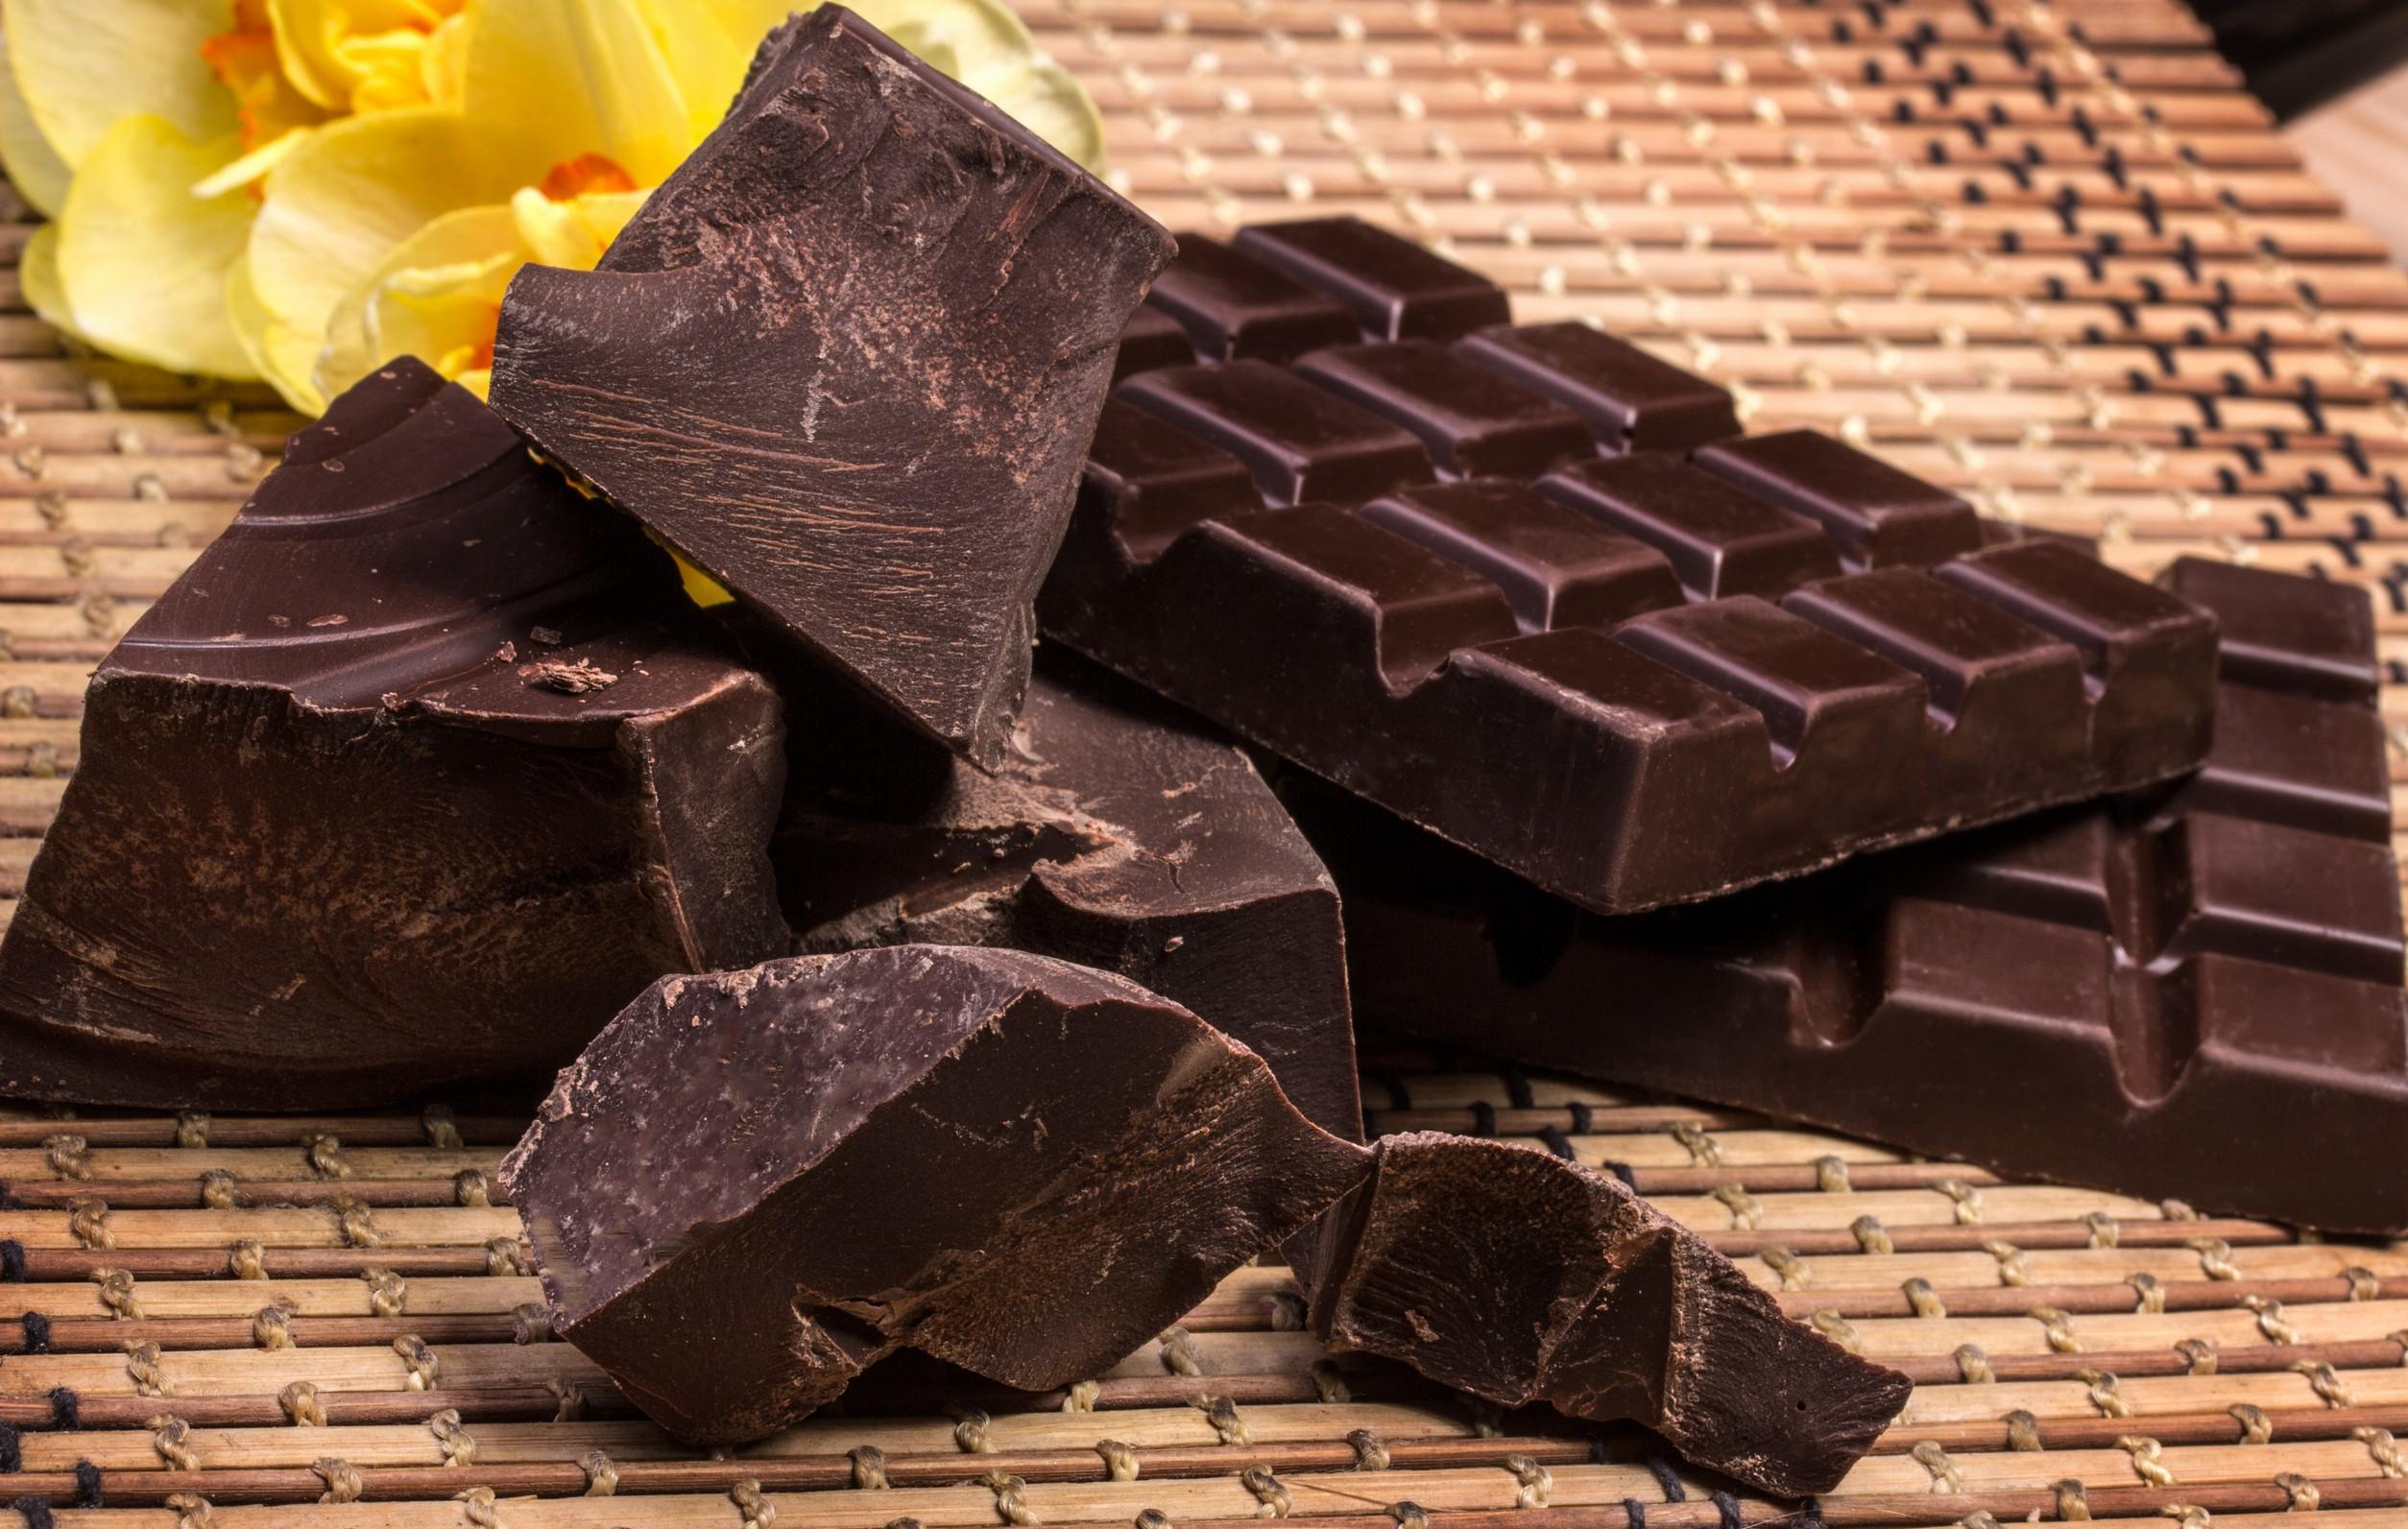 Fairfax, VA, Don't Forget to Enjoy a Dark Chocolate Snack